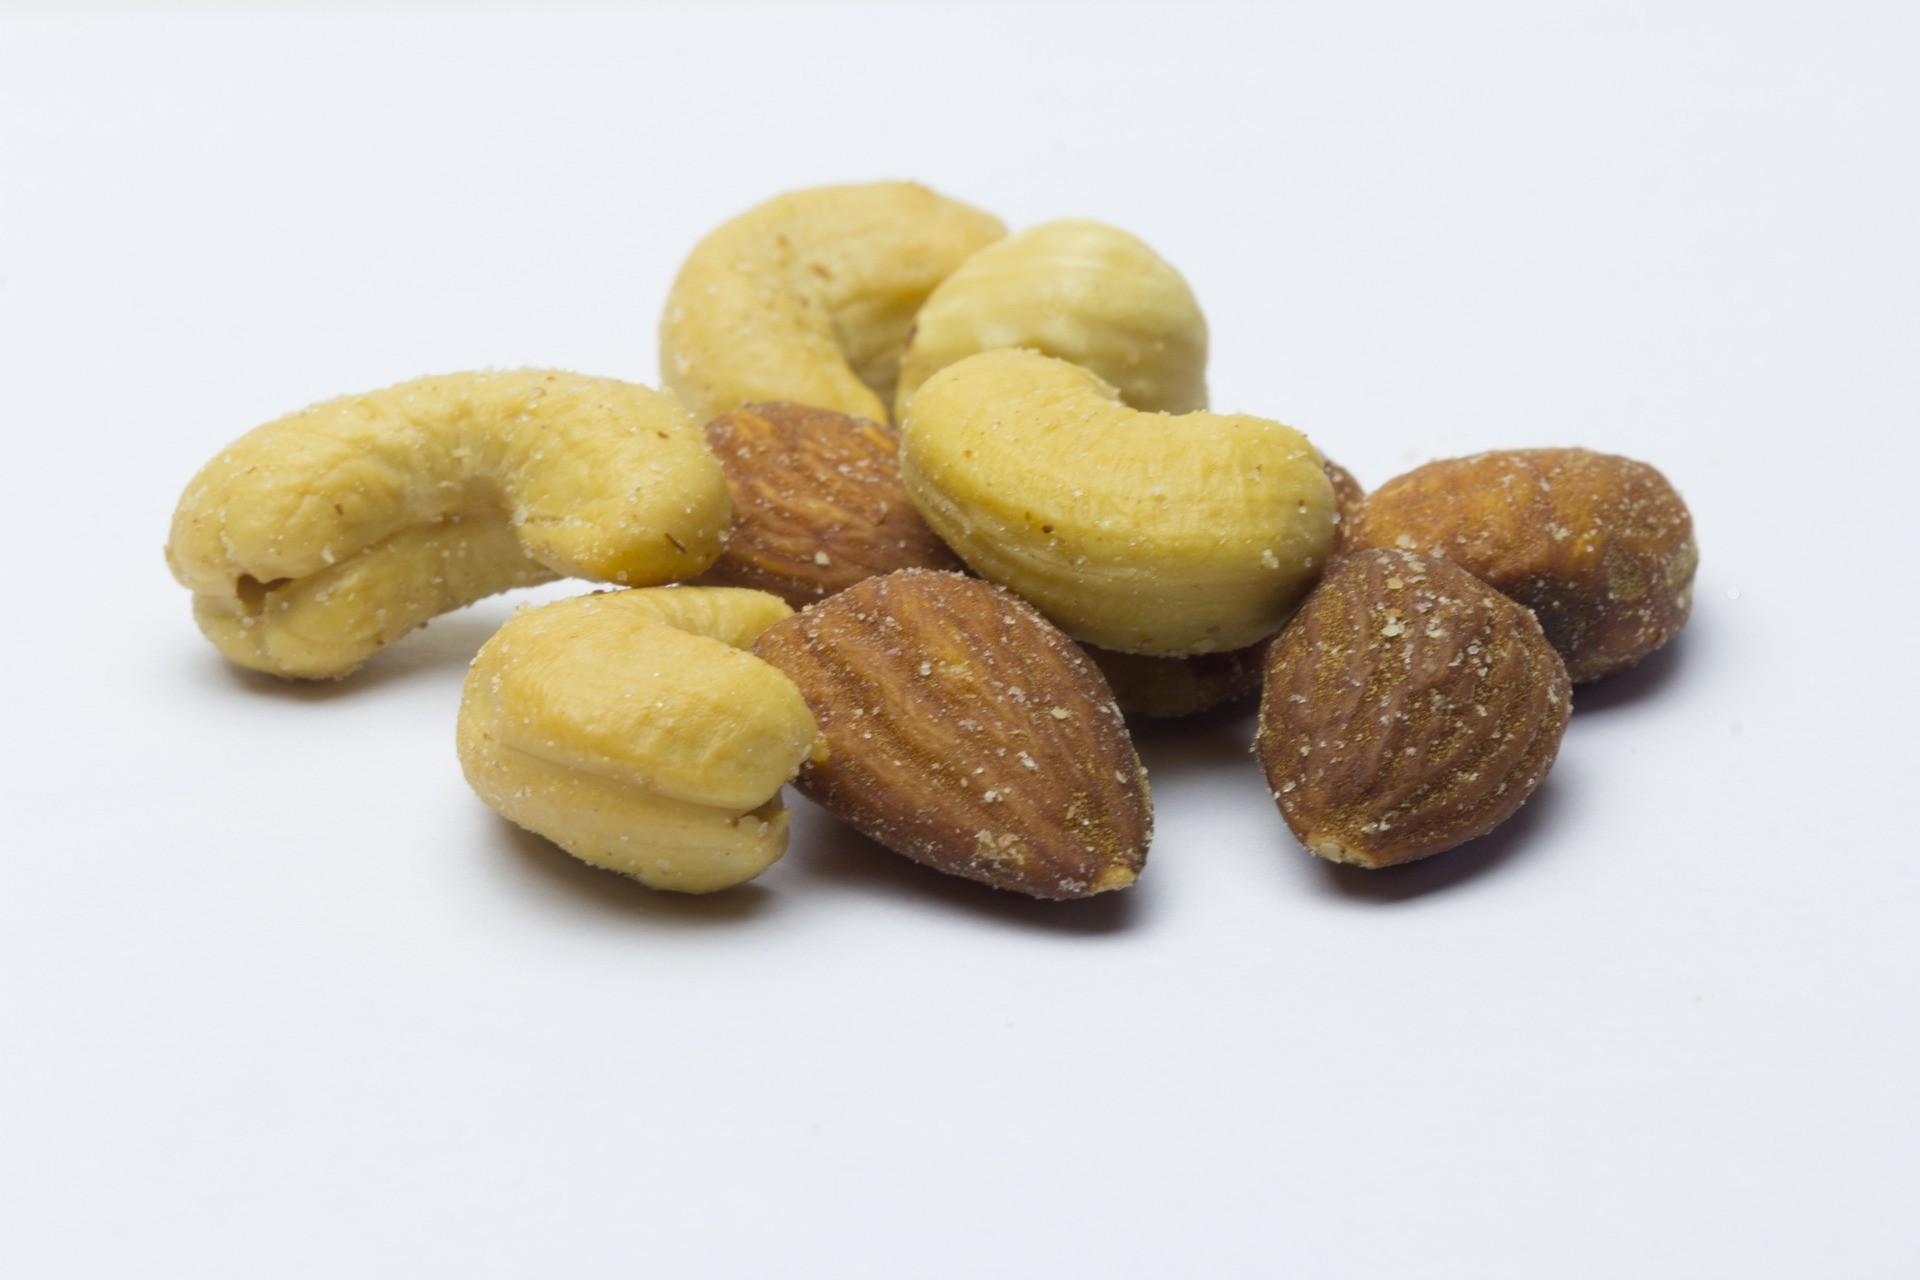 Bild: Veganer Rahm - Cashews und Mandeln